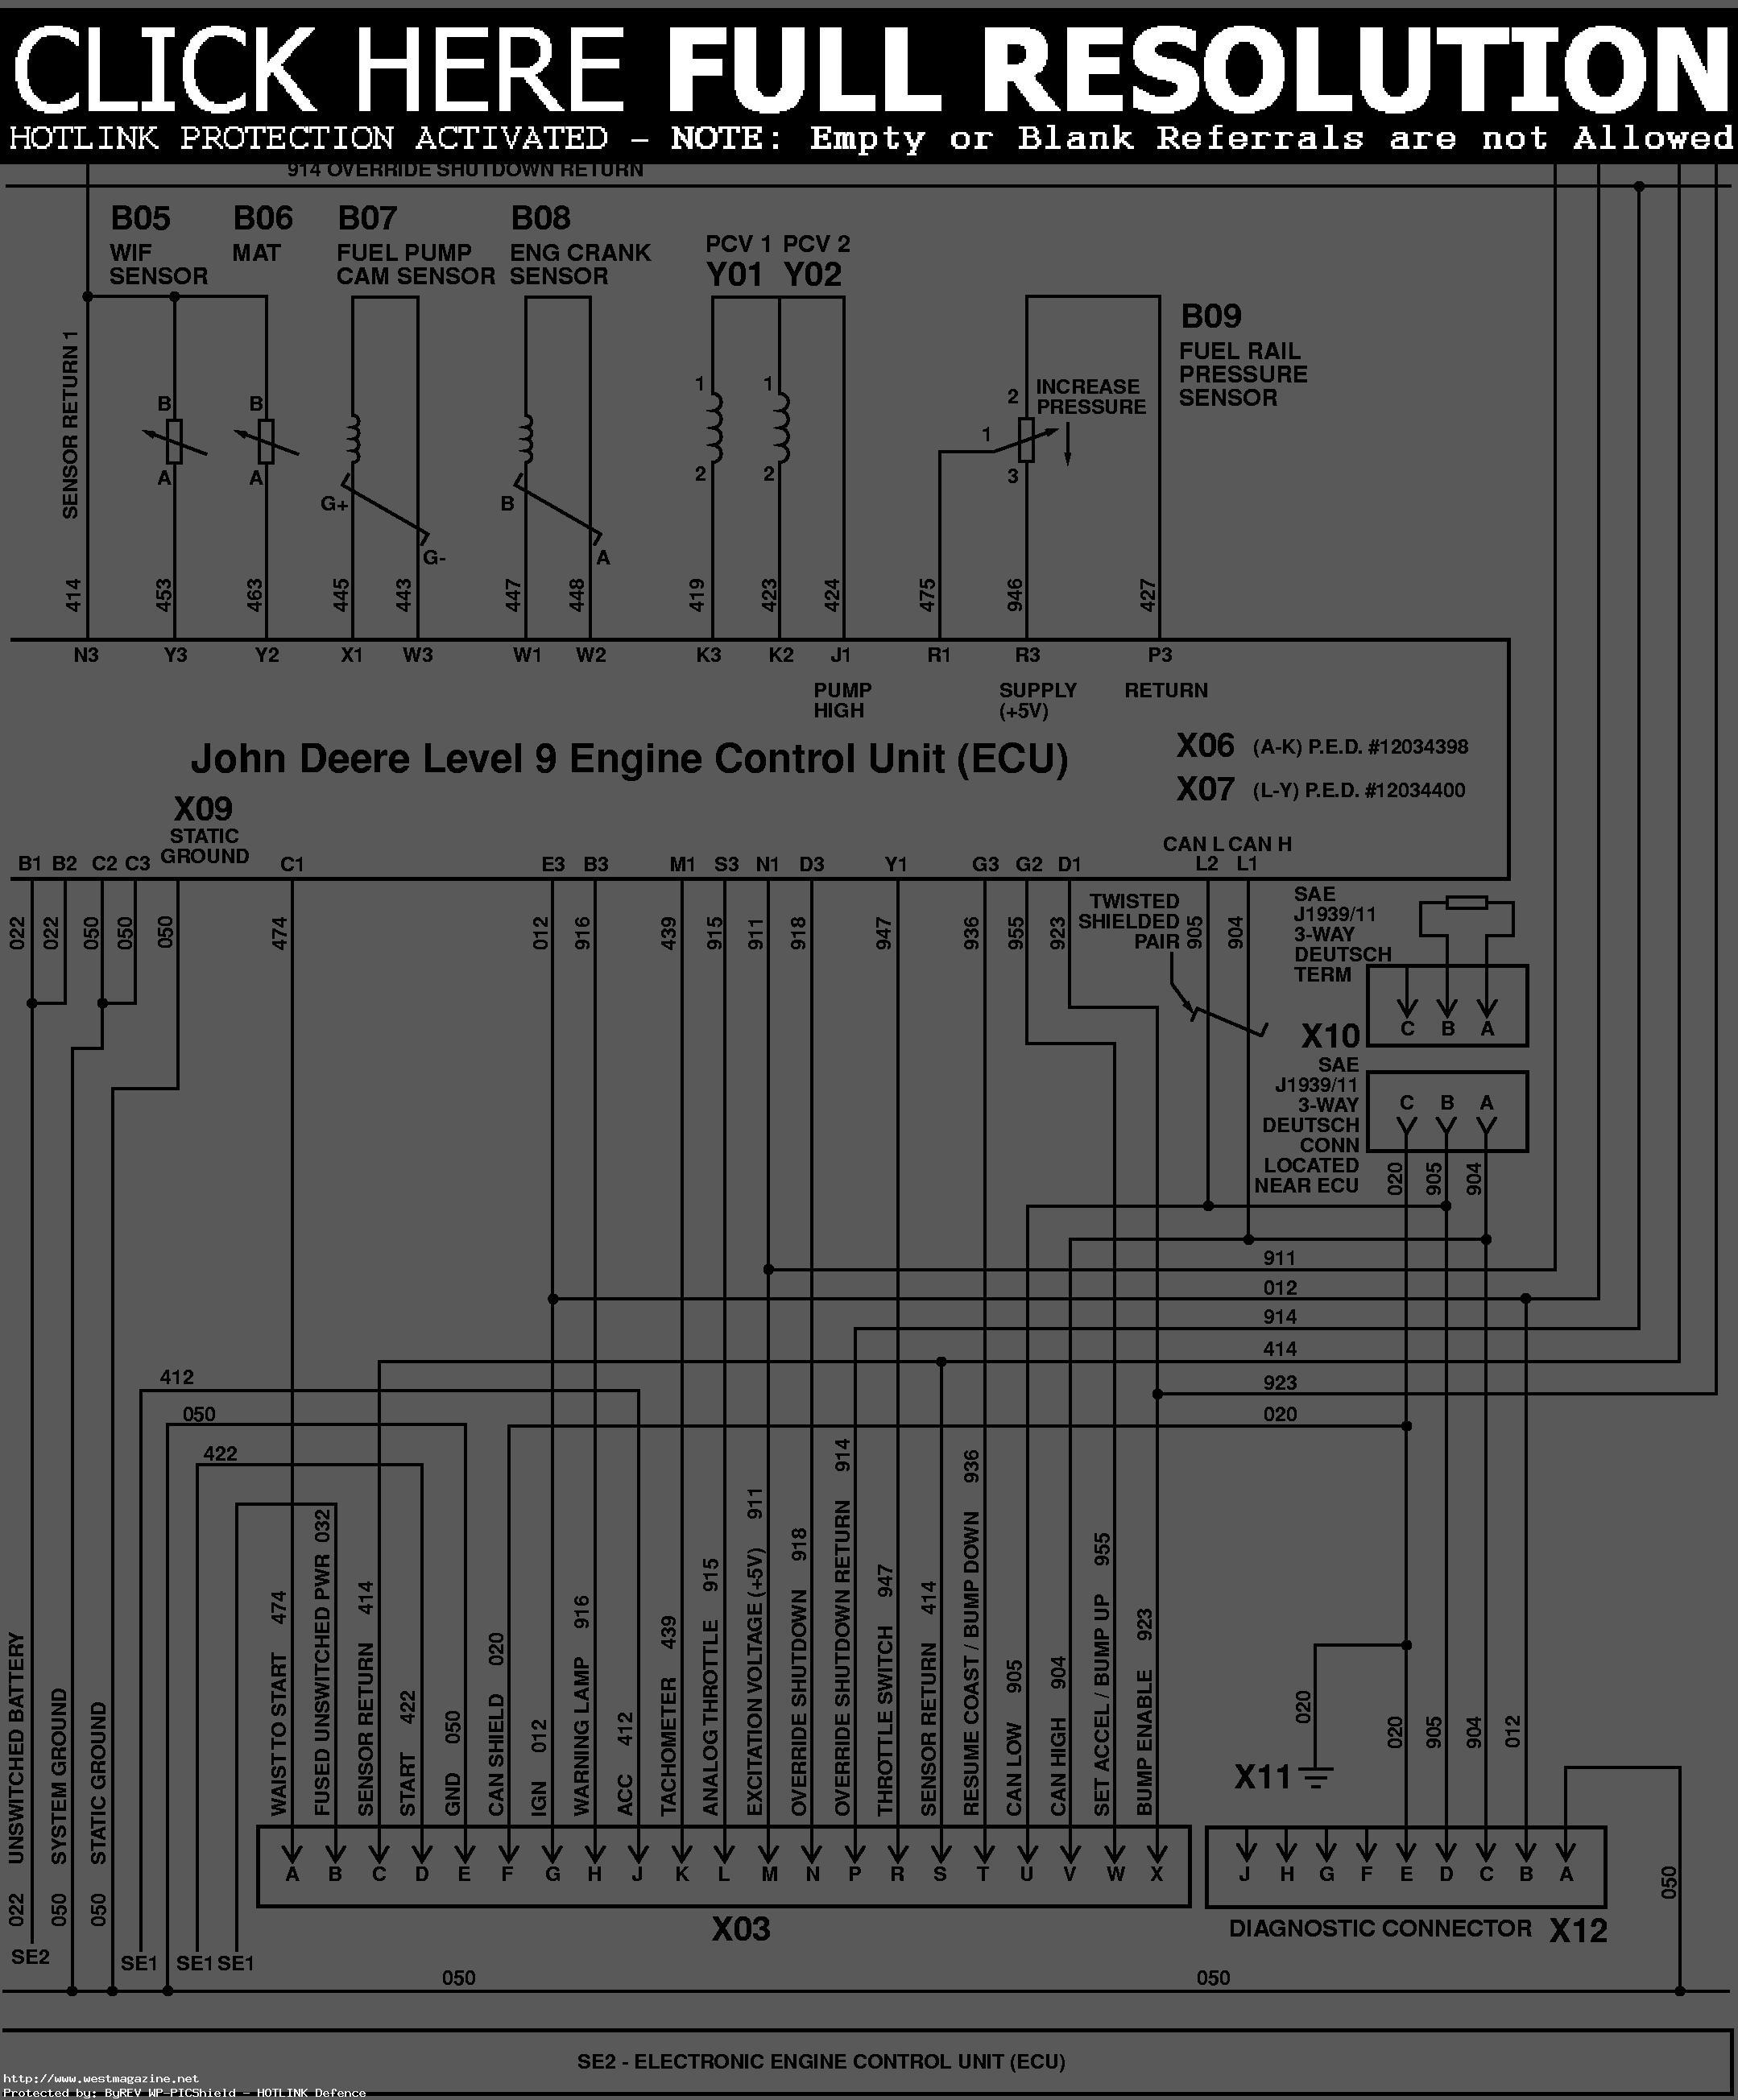 lt155 wiring diagram box wiring diagram LX172 Wiring Schematic john deere lt155 wiring diagram wirings diagram deere lt155 harness schematic lt155 wiring diagram